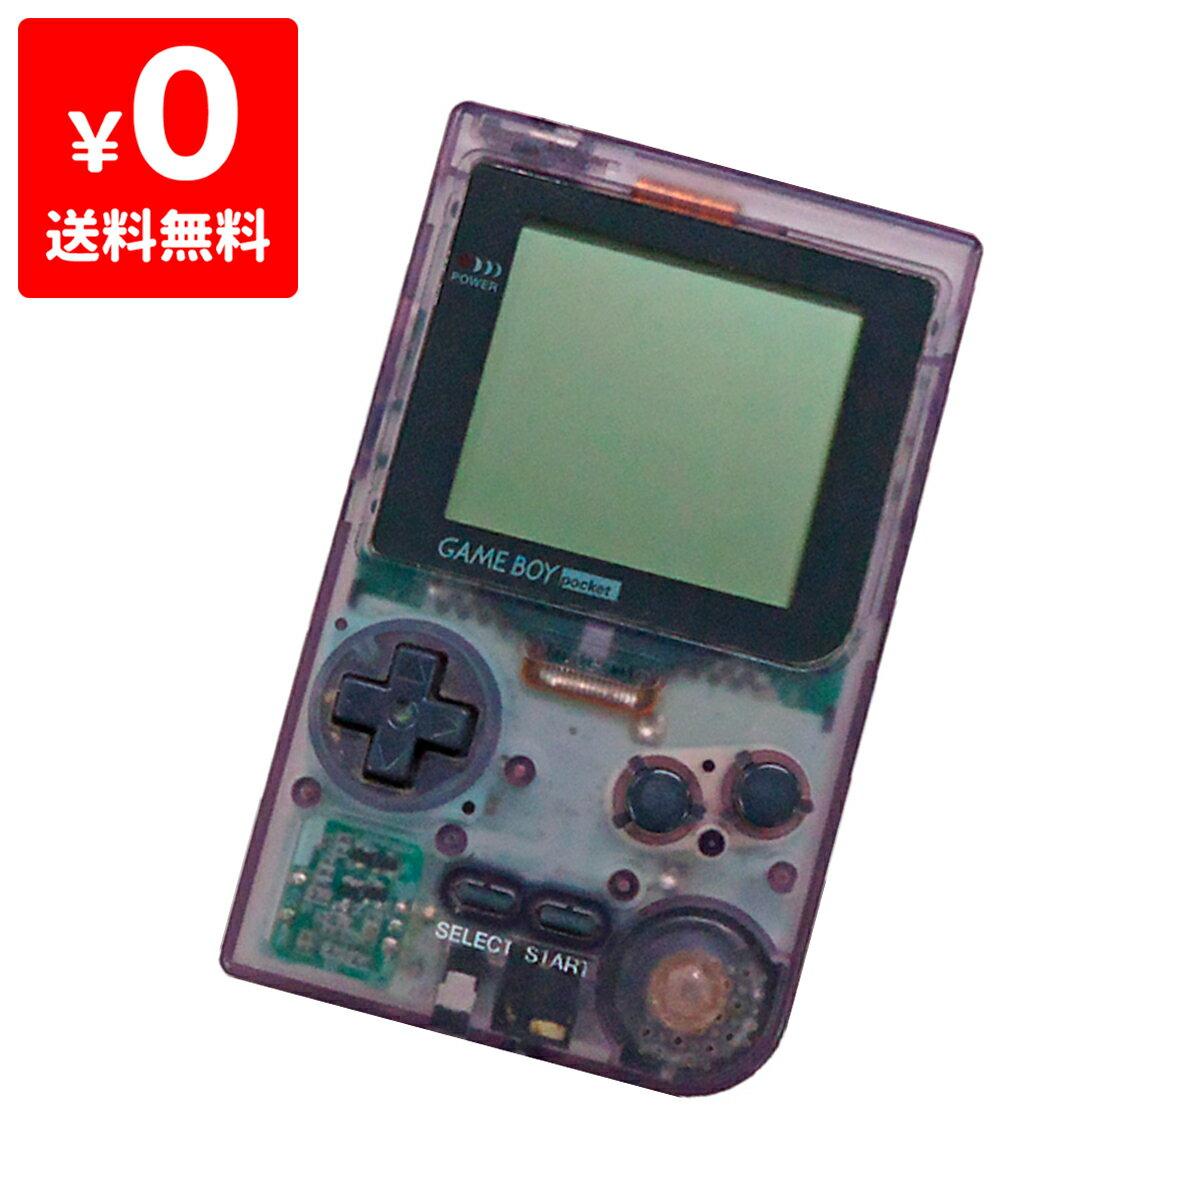 【送料無料】GBP ゲームボーイポケット 本体 電池カバー付き クリアパープル【中古】